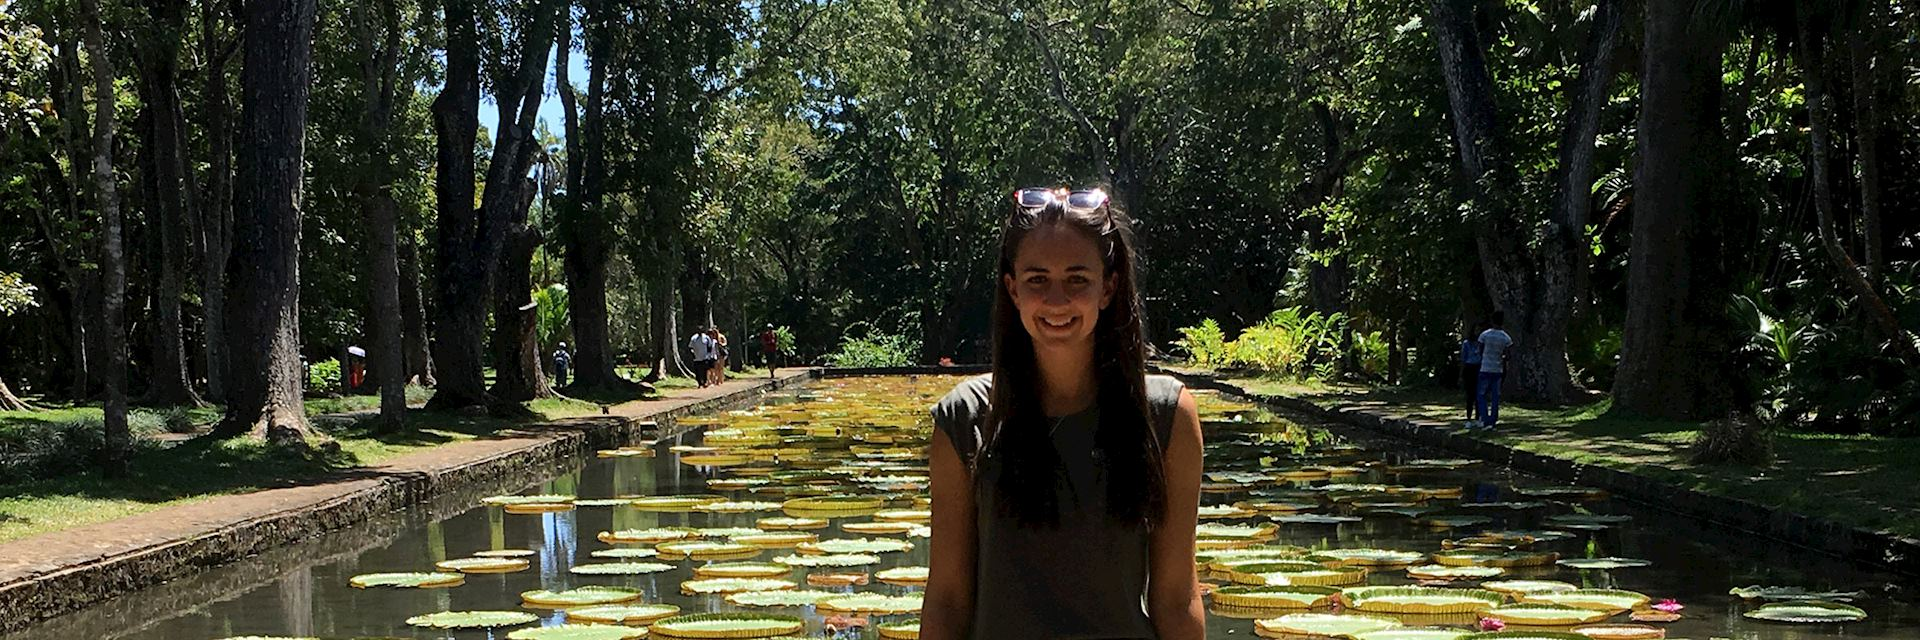 Sarah visiting the Pamplemousses Botanical Garden, Mauritius